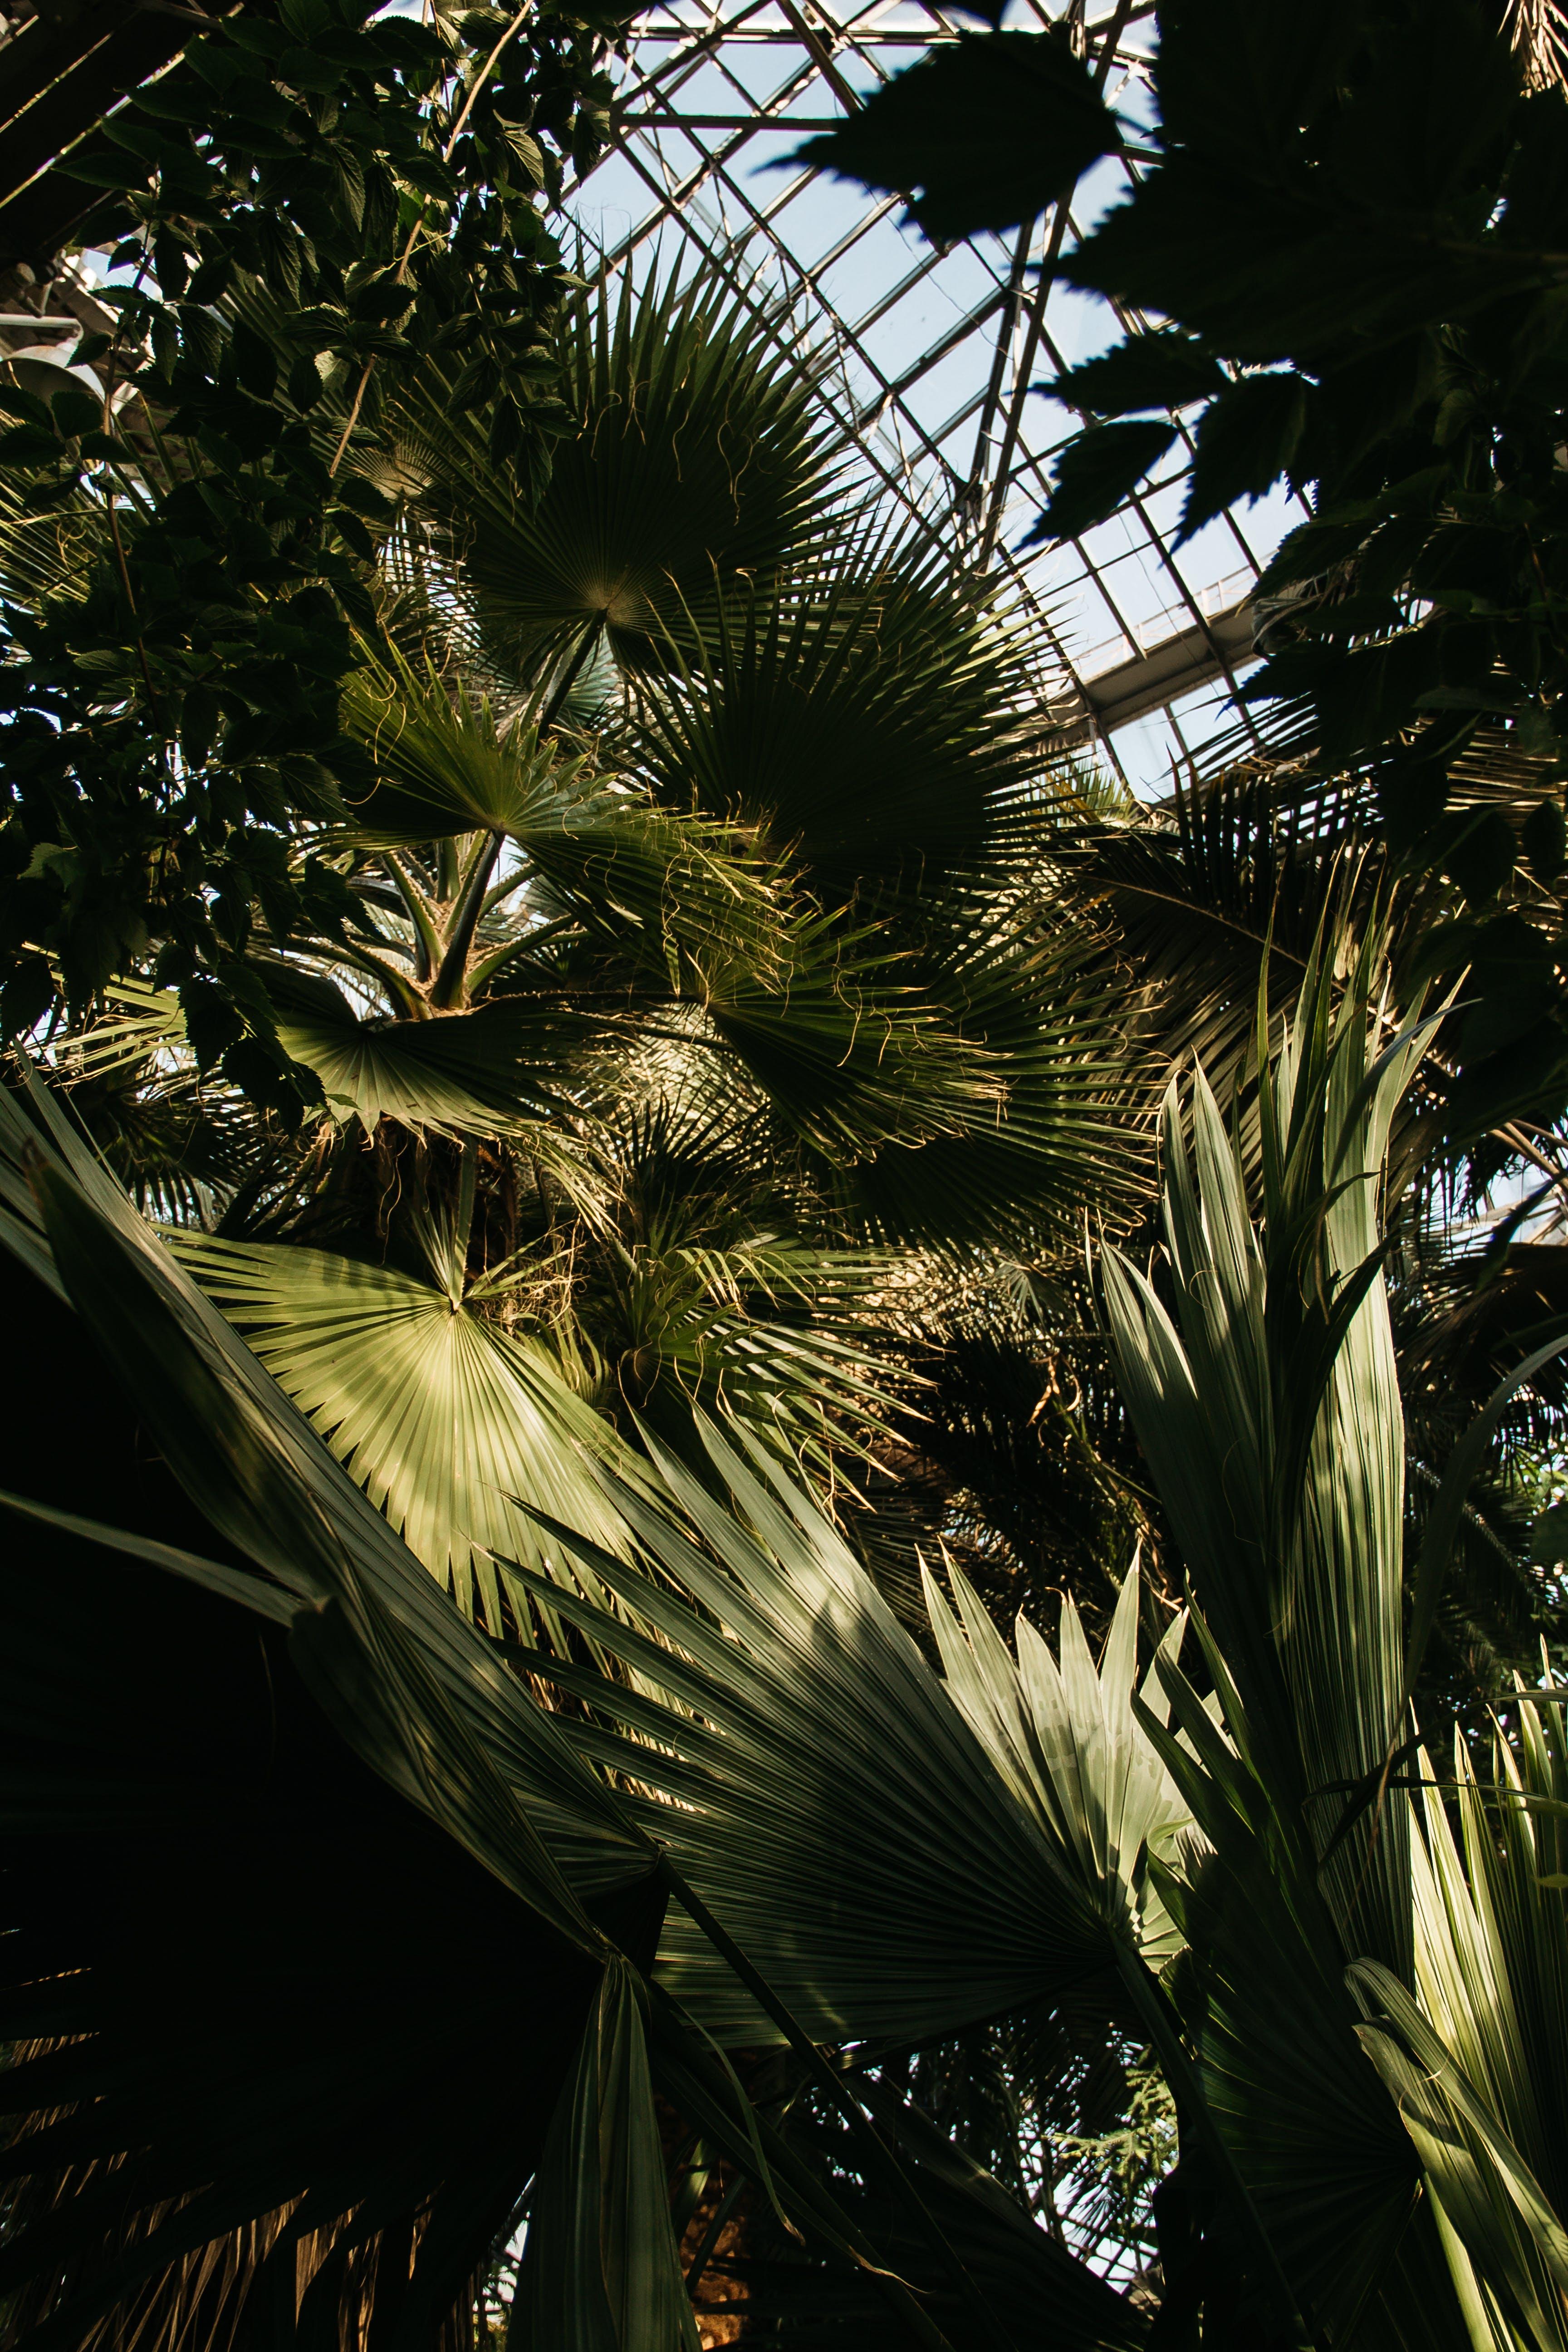 Kostenloses Stock Foto zu baum, bäume, blatt, blätter